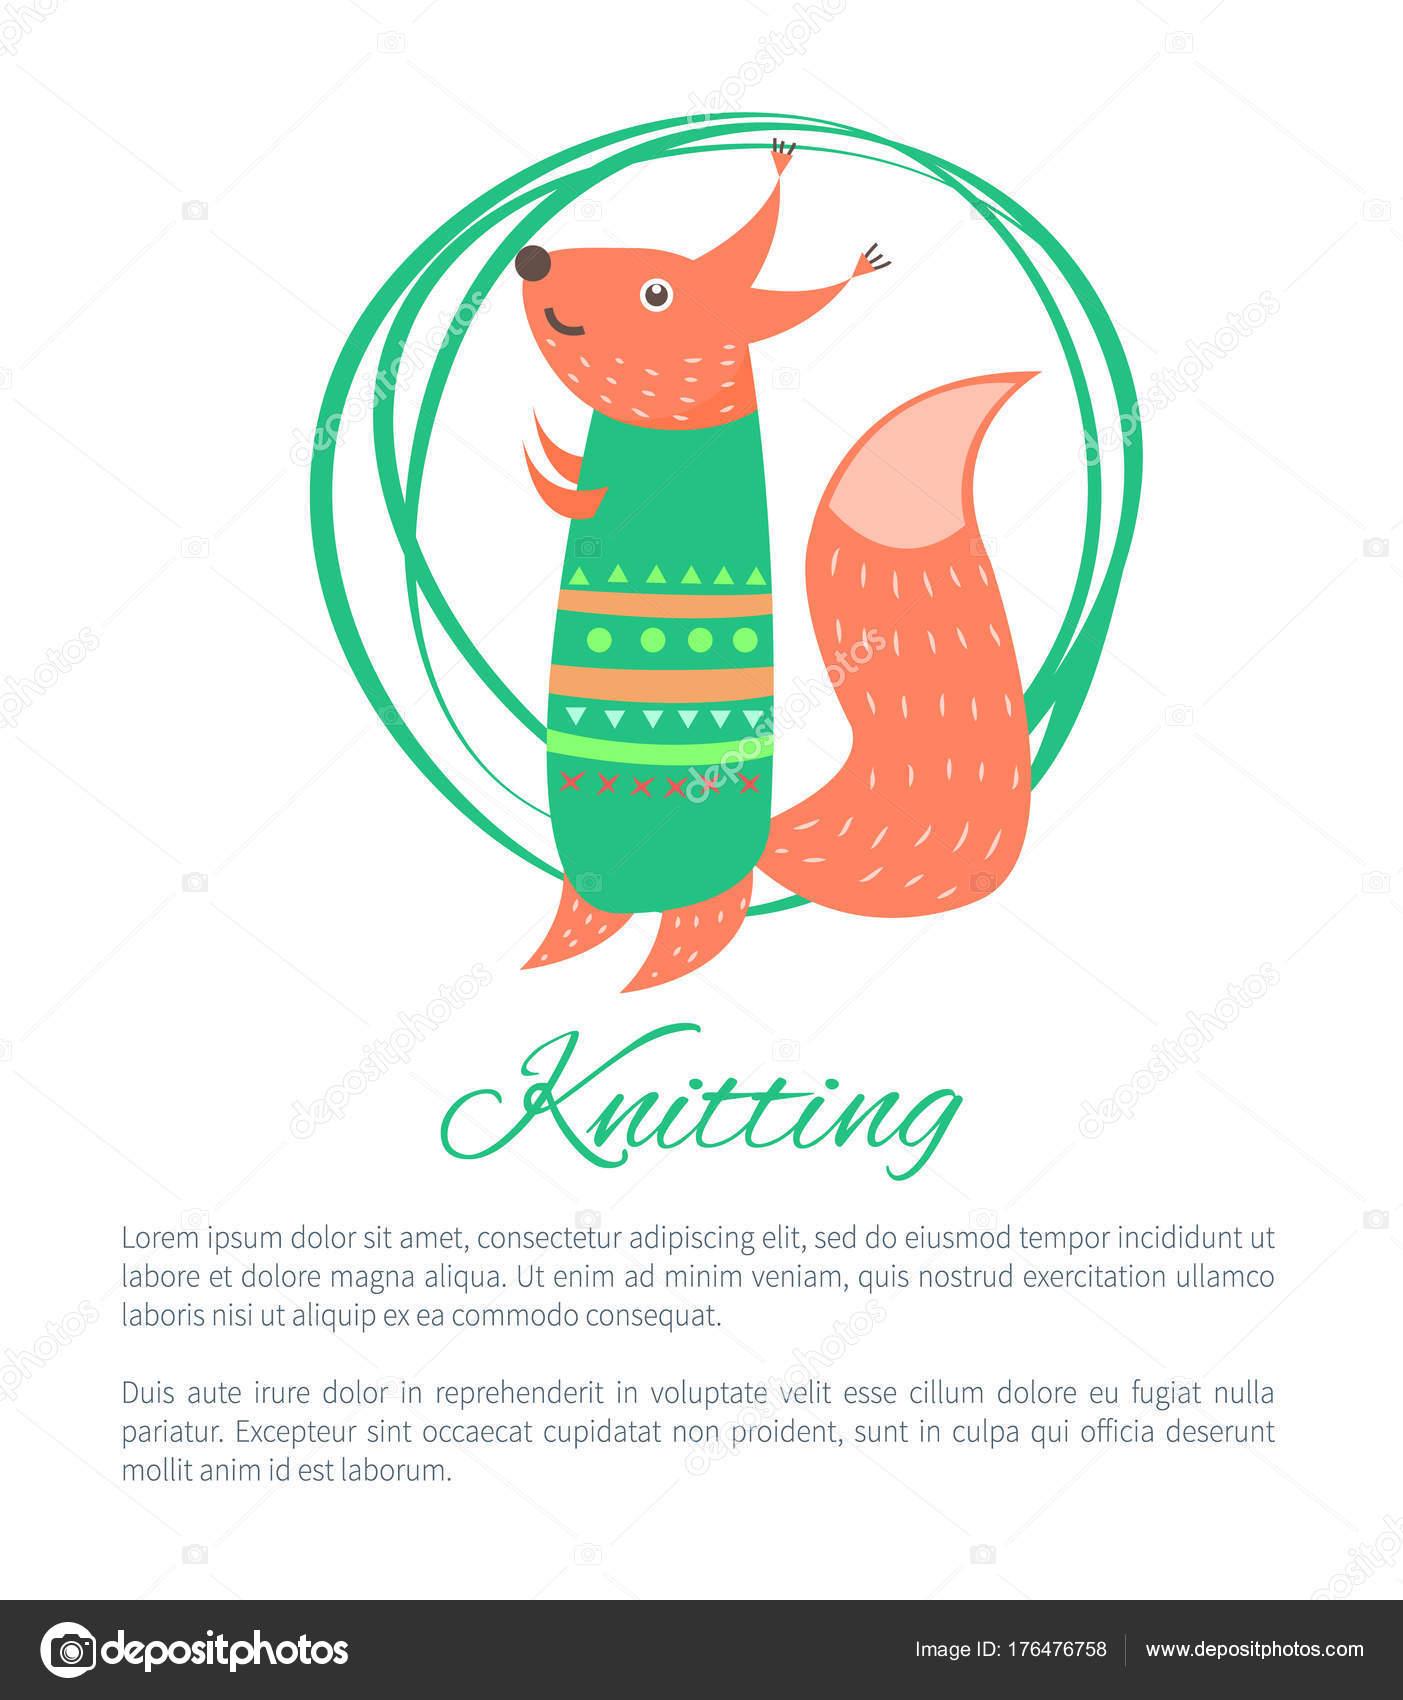 Tejer suéter verde divertido juguete ardilla Vector — Archivo ...